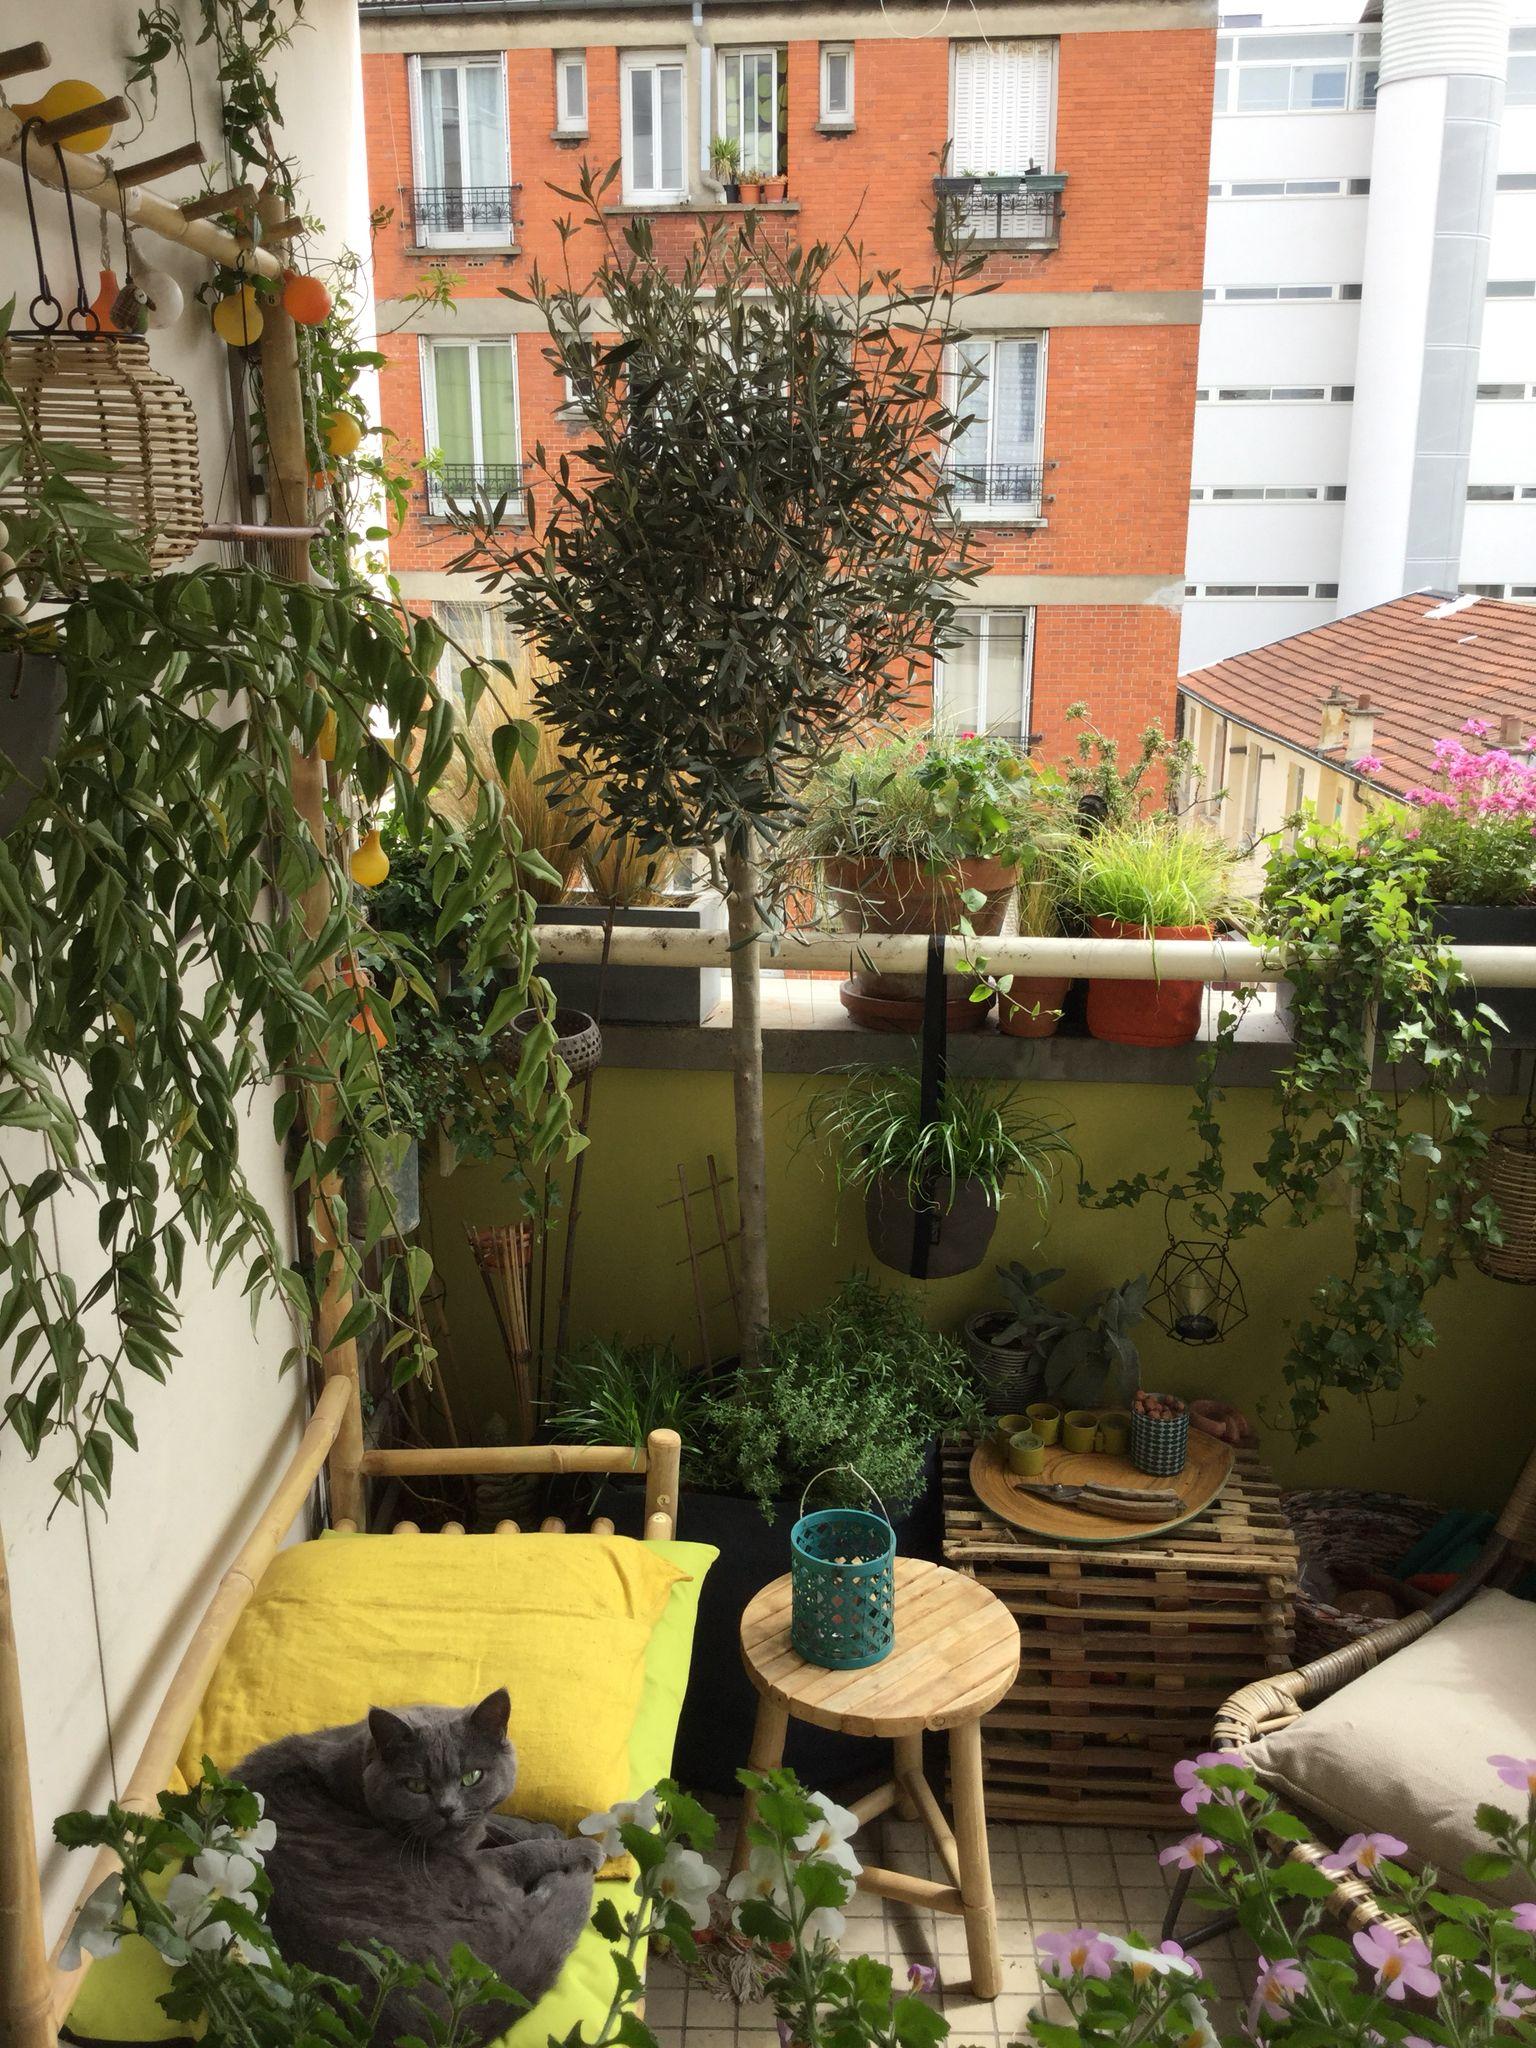 Mon Petit Jardin Parisien With Images Outdoor Decor Patio Garden